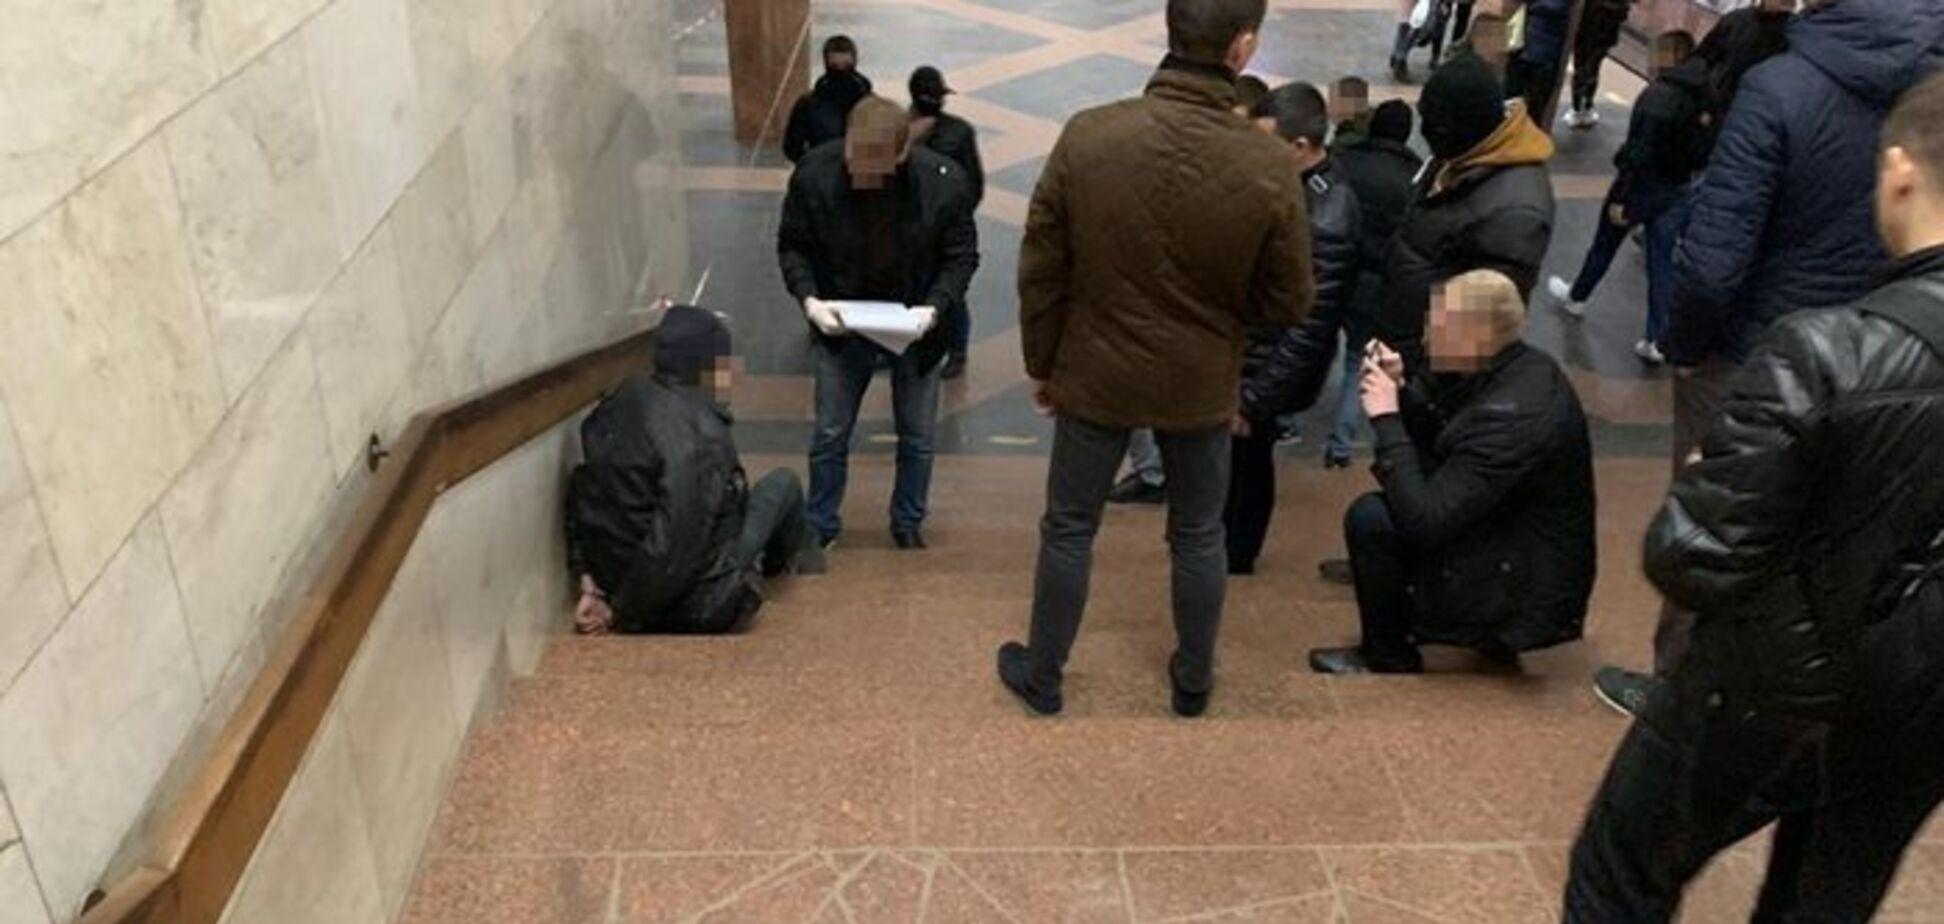 Предотвращение теракта РФ в Харькове: СБУ указали их главную проблему